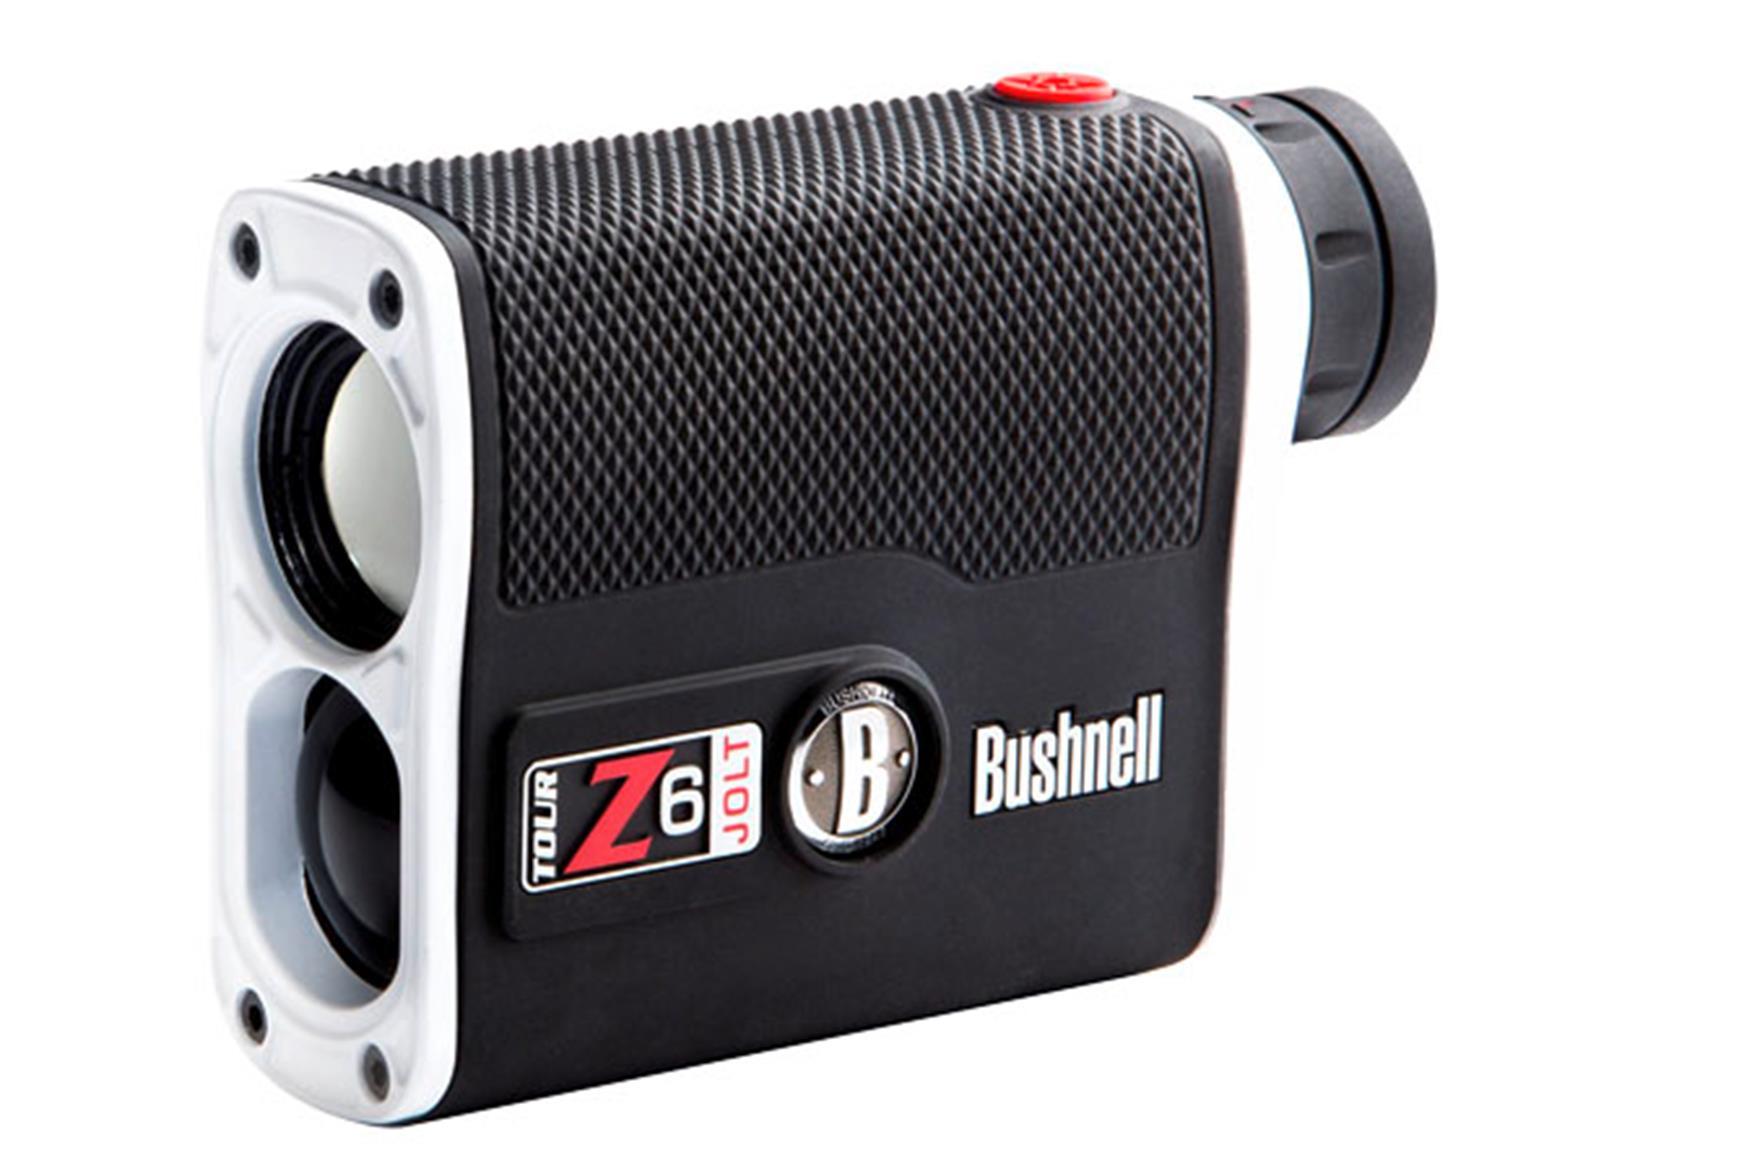 Bushnell Entfernungsmesser V3 : Bushnell tour v rangefinder review equipment reviews today s